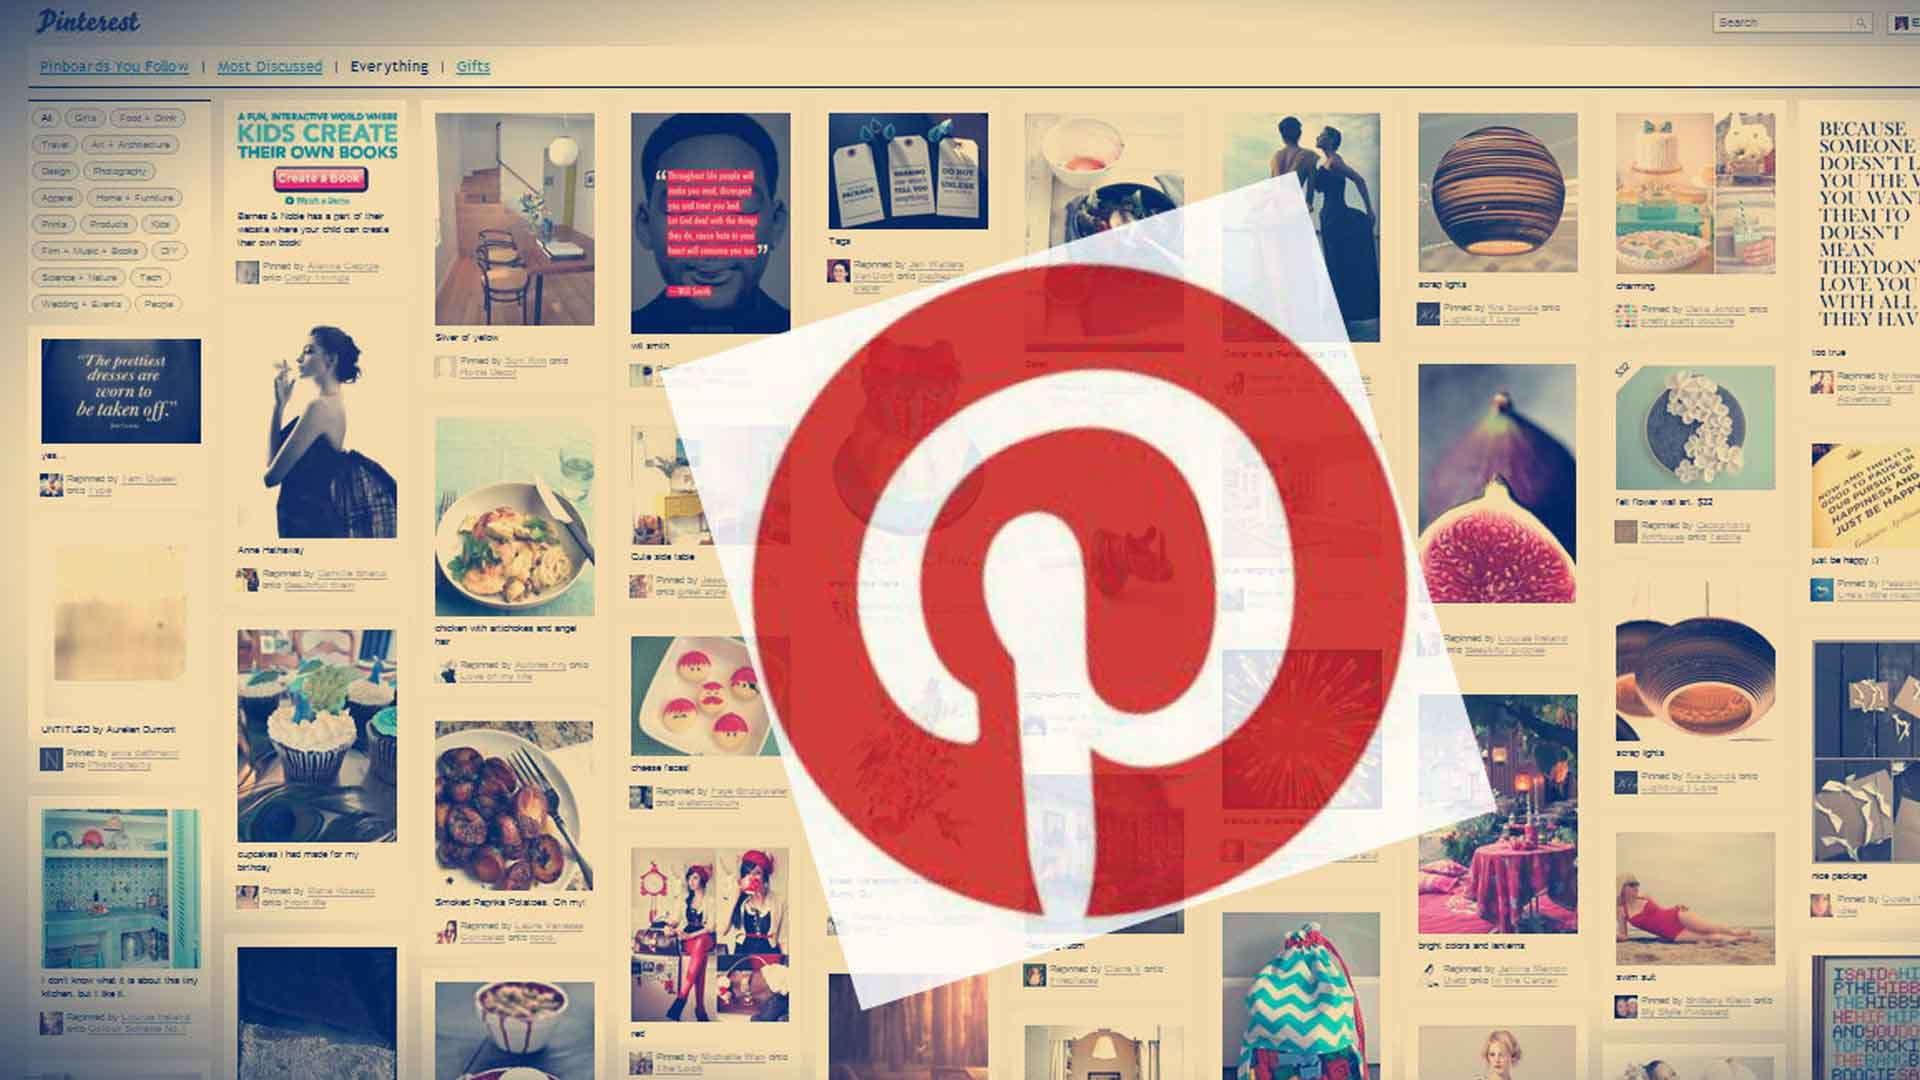 Pinterst alcanza 150 millones de usuarios mensuales